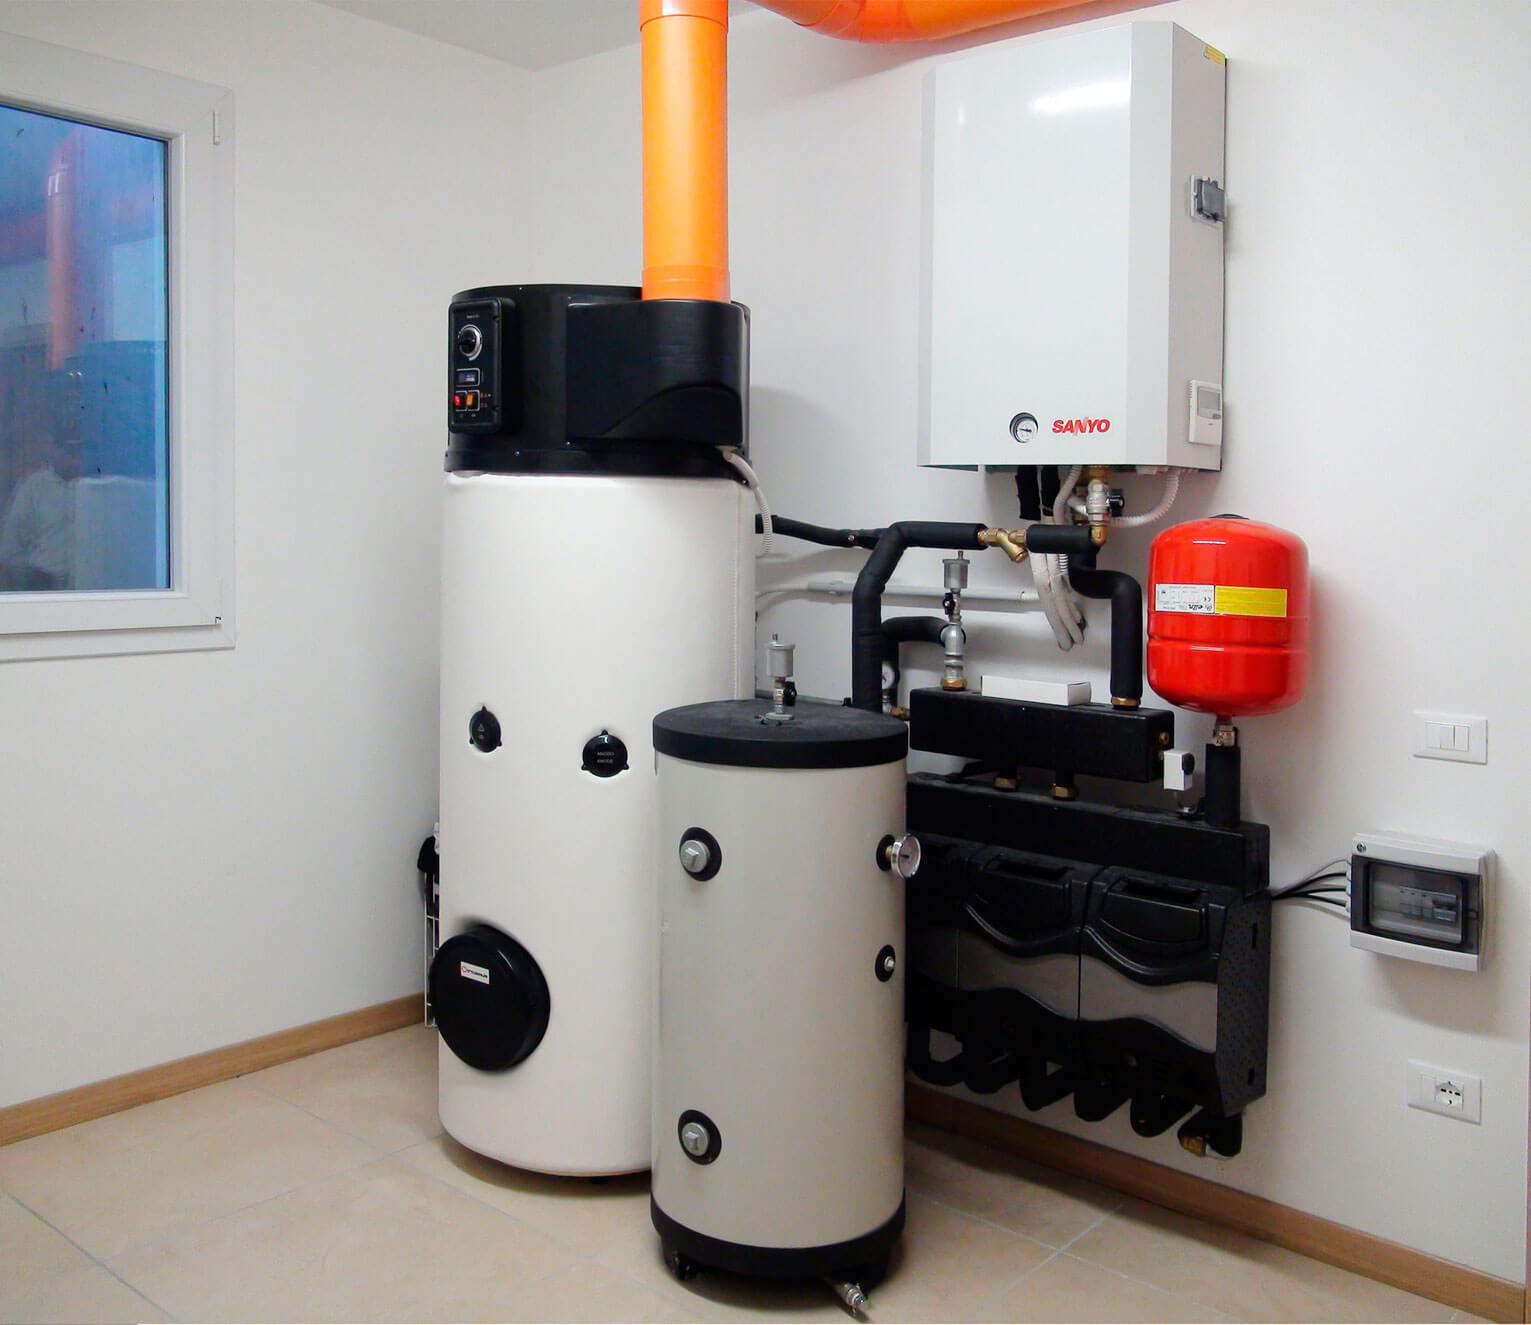 Pompa Di Calore Per Bagno pompe di calore: quando conviene l'installazione?